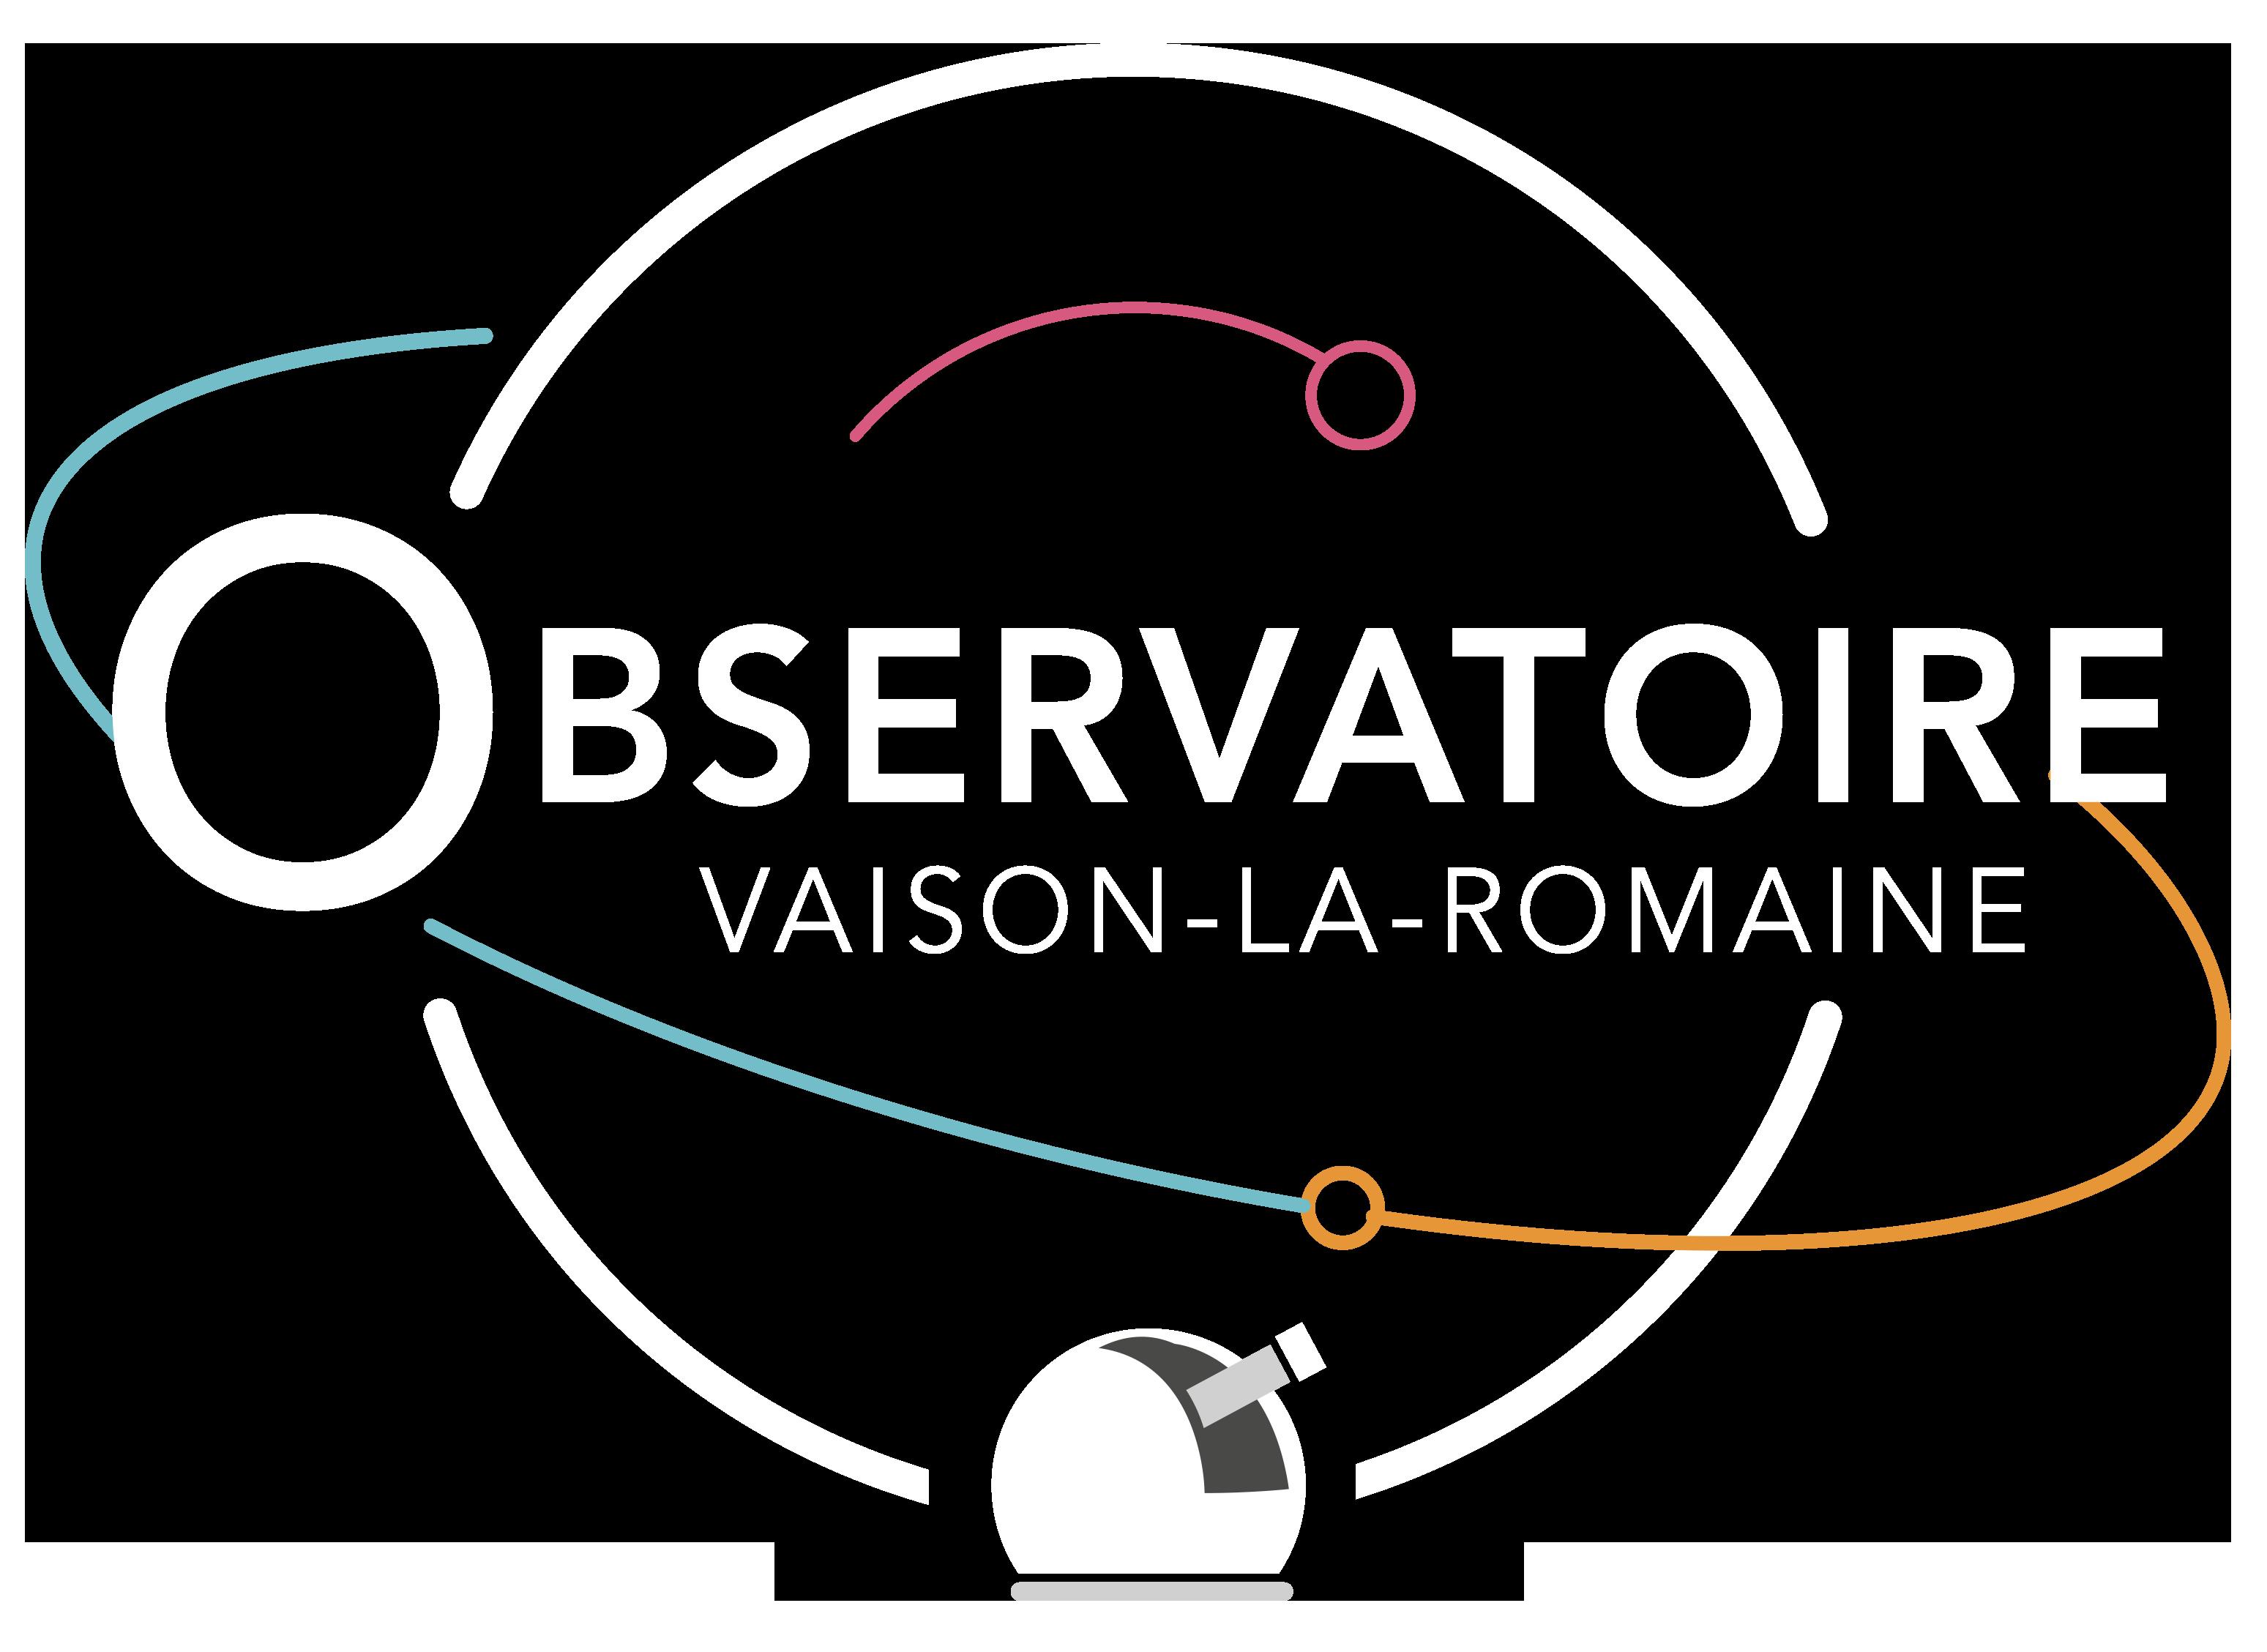 Observatoire Astronomie de Vaison